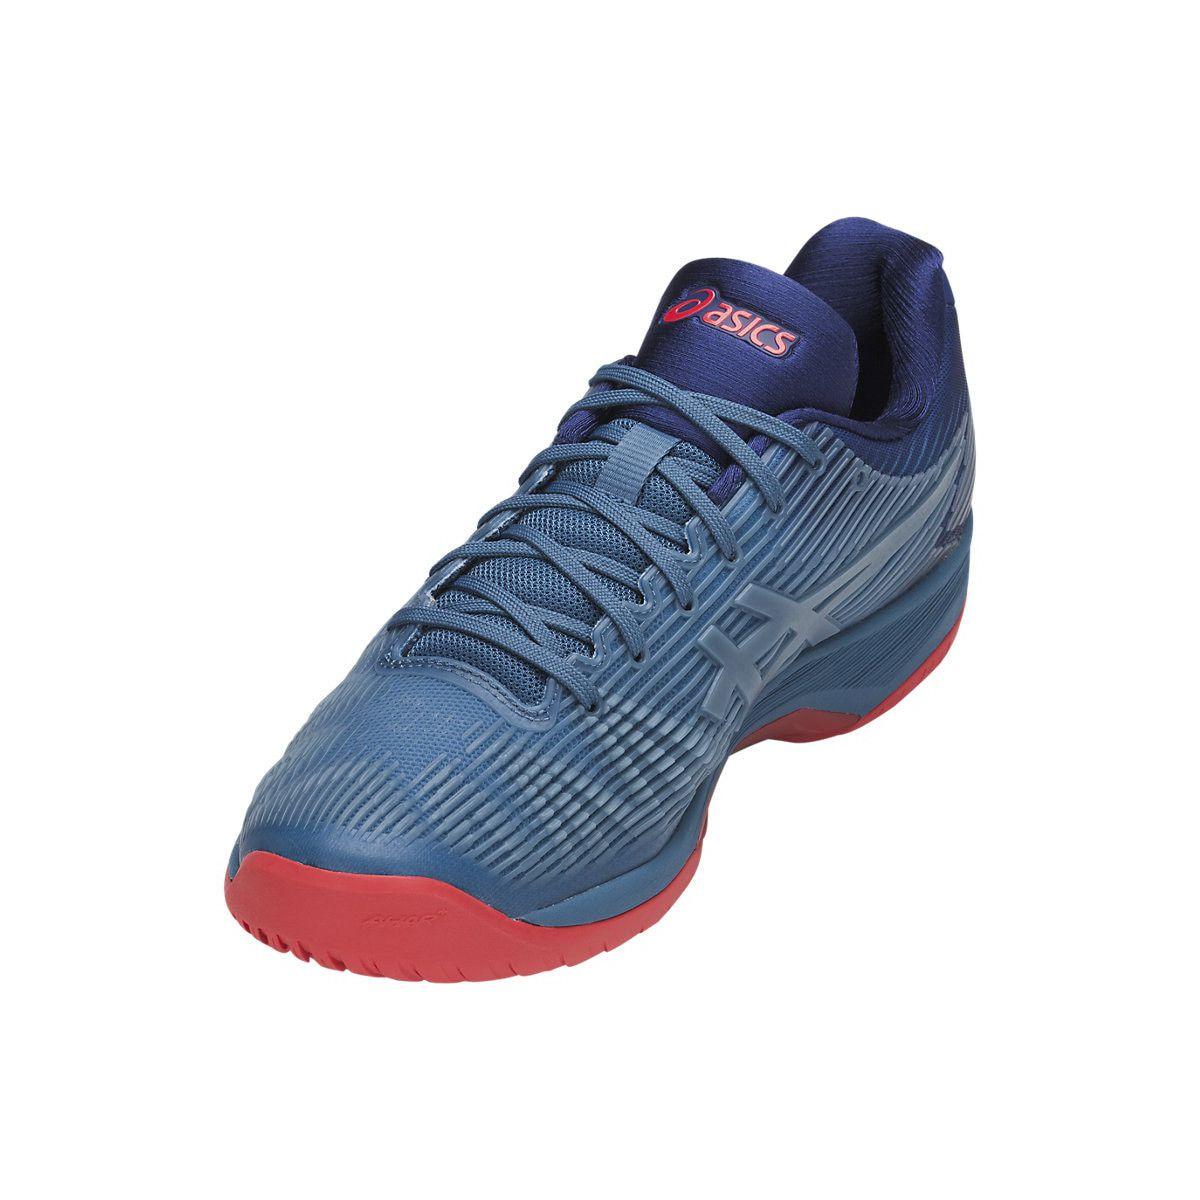 44ad5f31f6e ... Tênis Asics Solution Speed FF Azul Branco e Vermelho - Spinway Tennis e Beach  Tennis ...